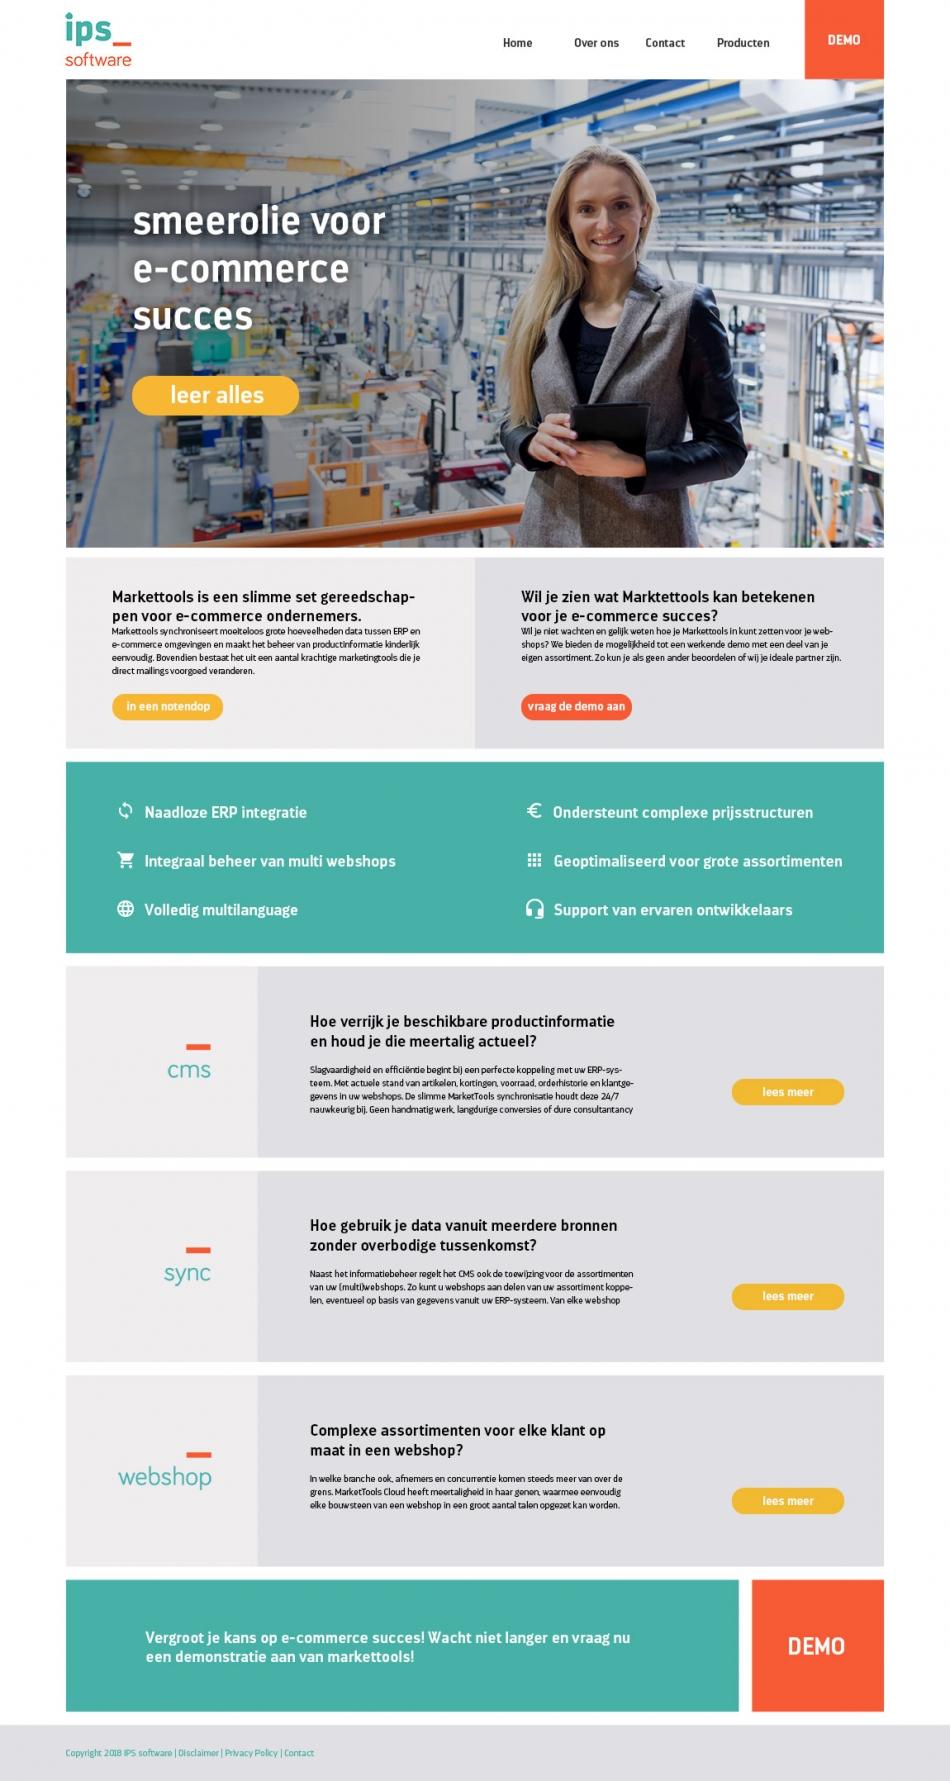 Het ontwerp voor de nieuwe startpagina van IPS software bv